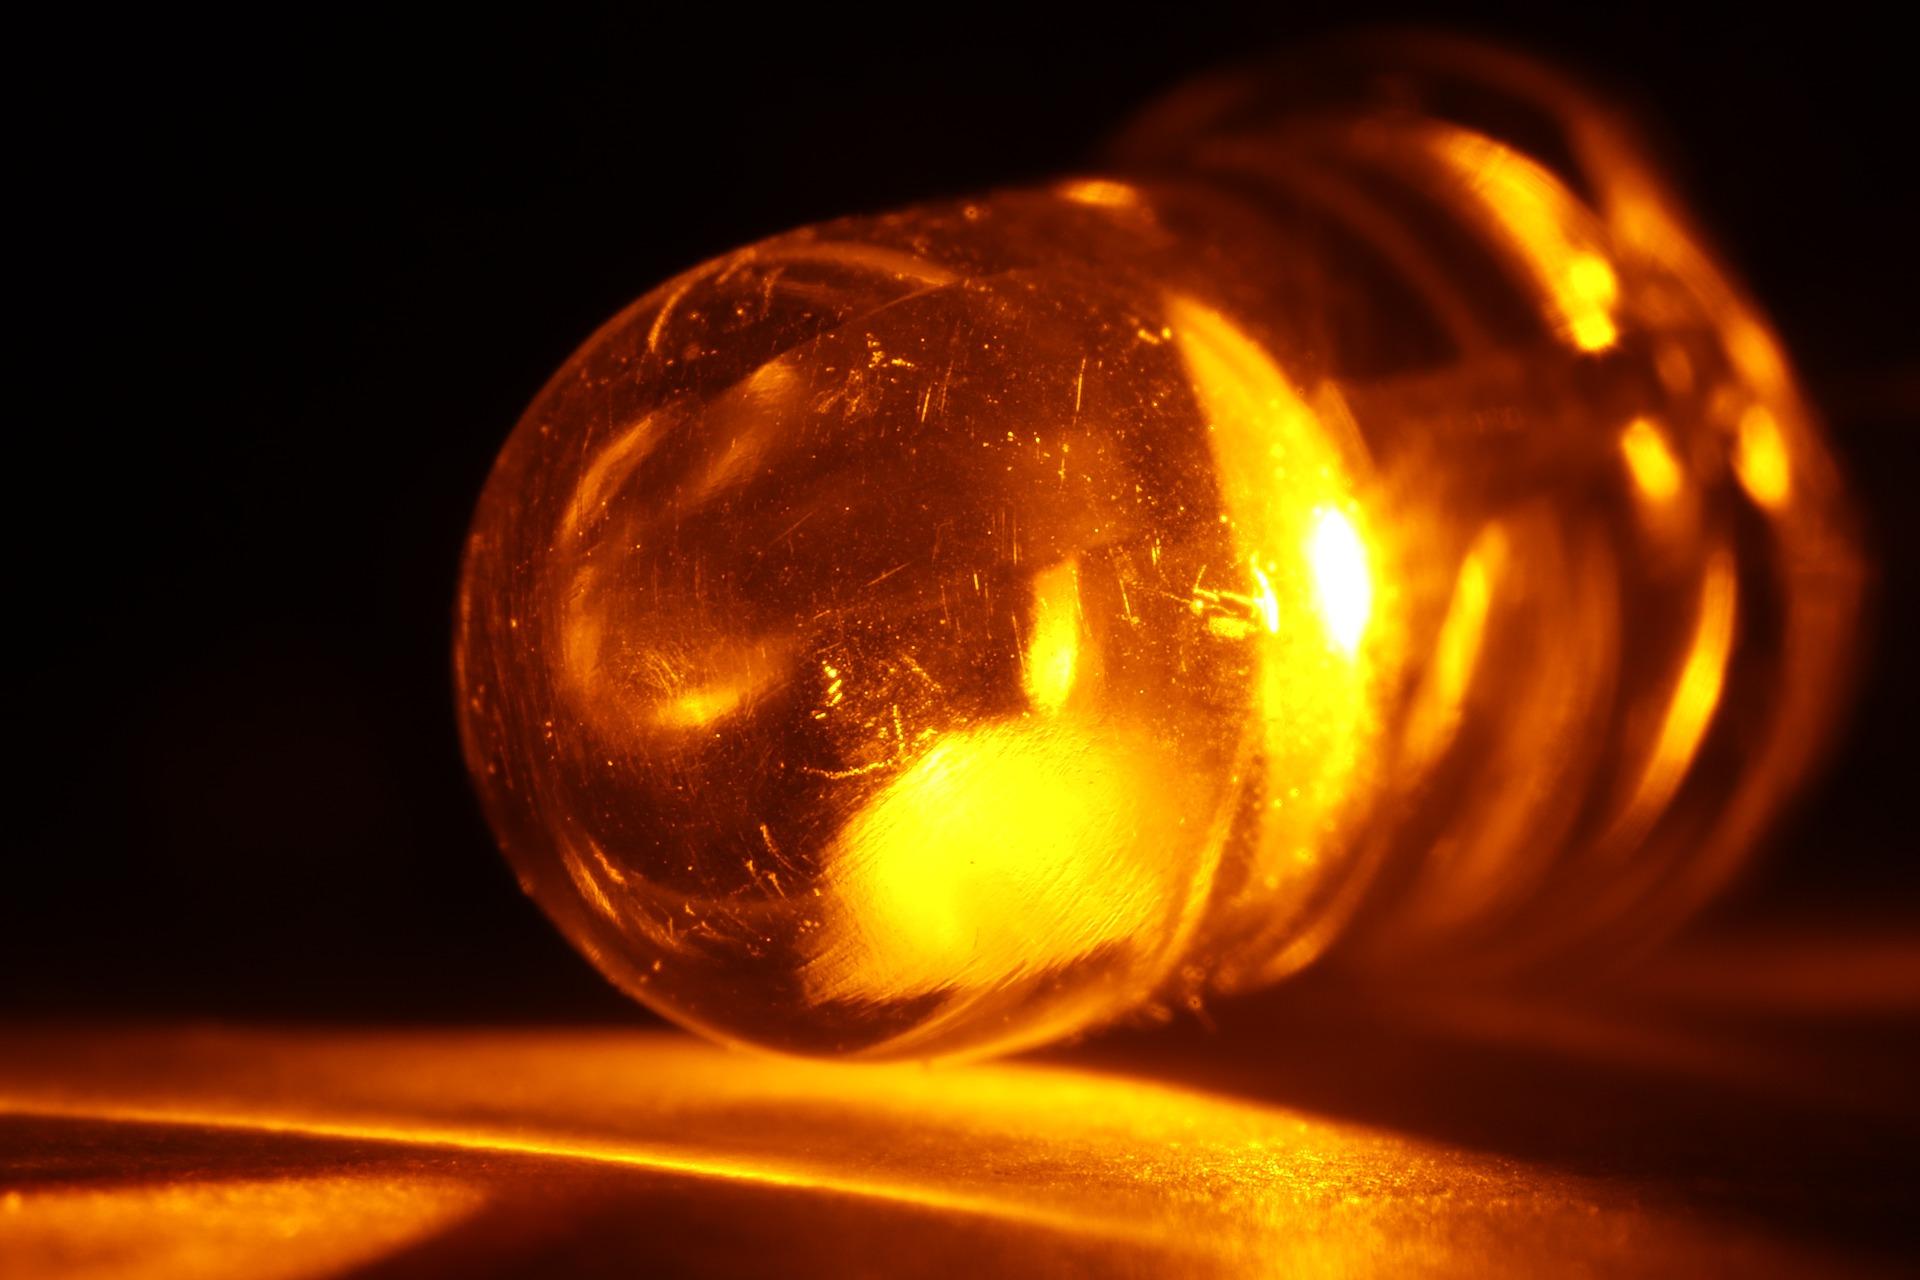 Byt ut dina gamla glödlampor mot LED